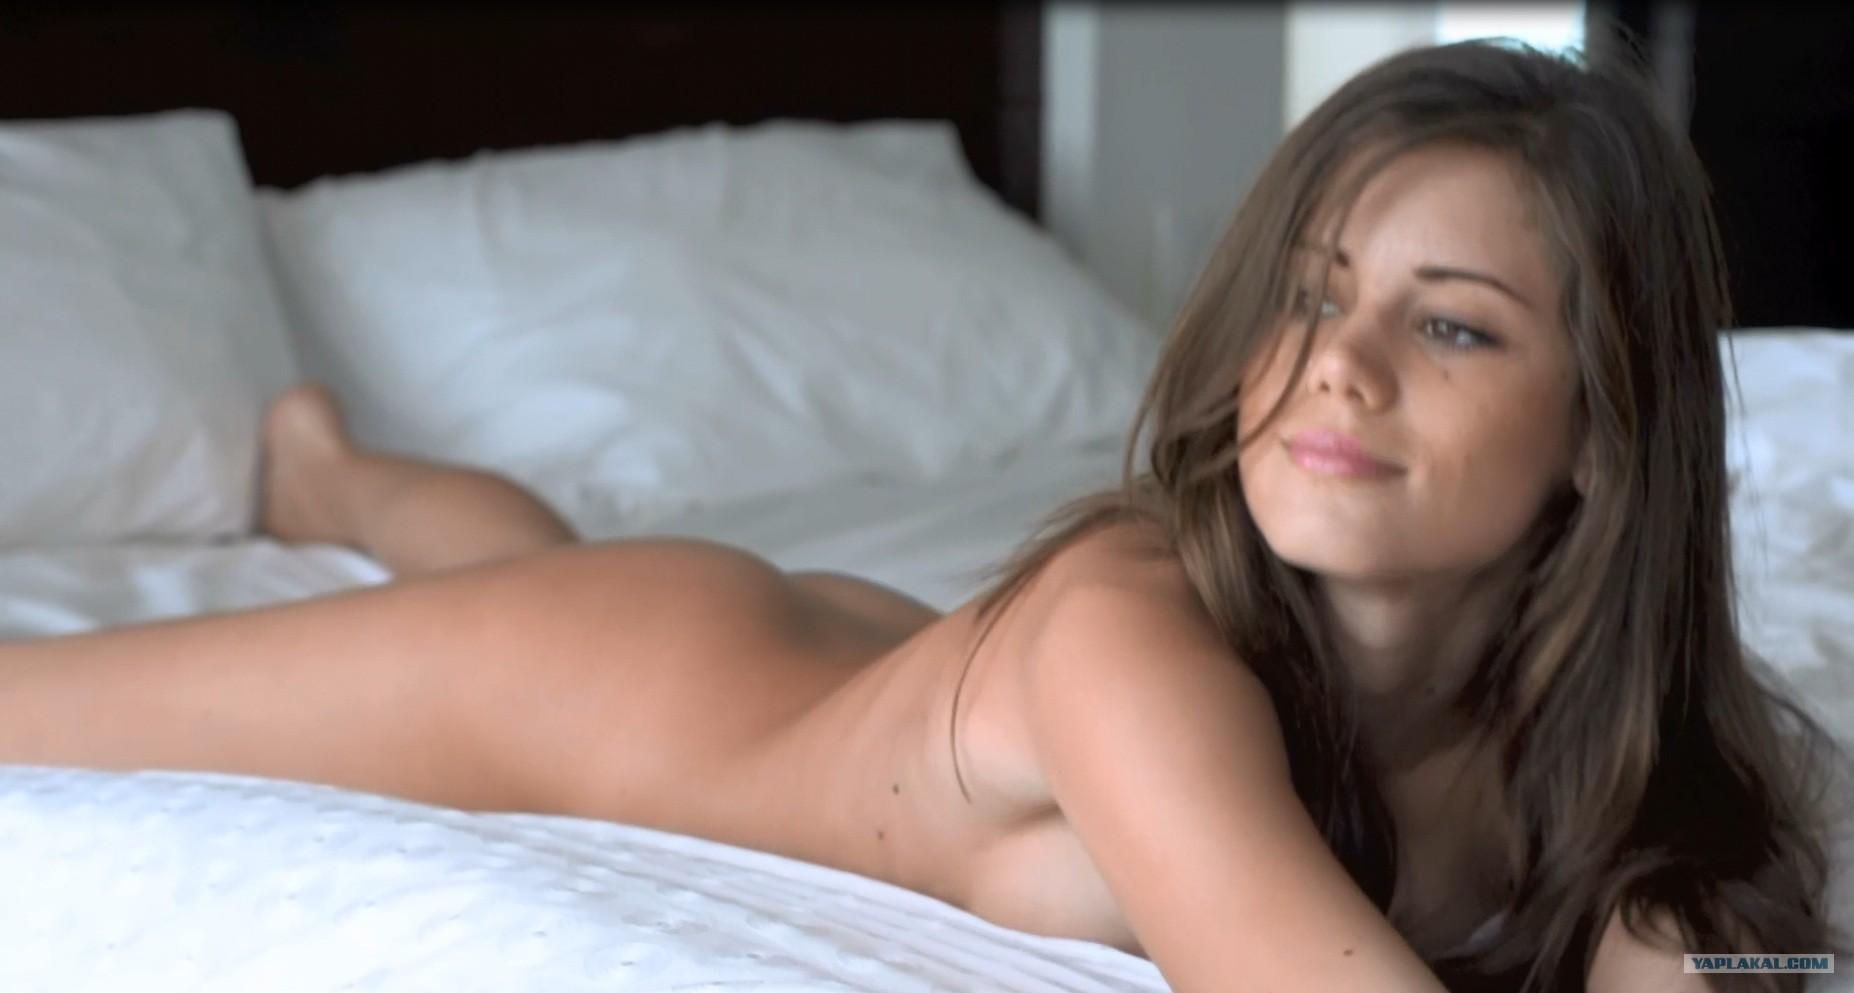 Миньеты список имена порно актрис аргентины япония осмотре